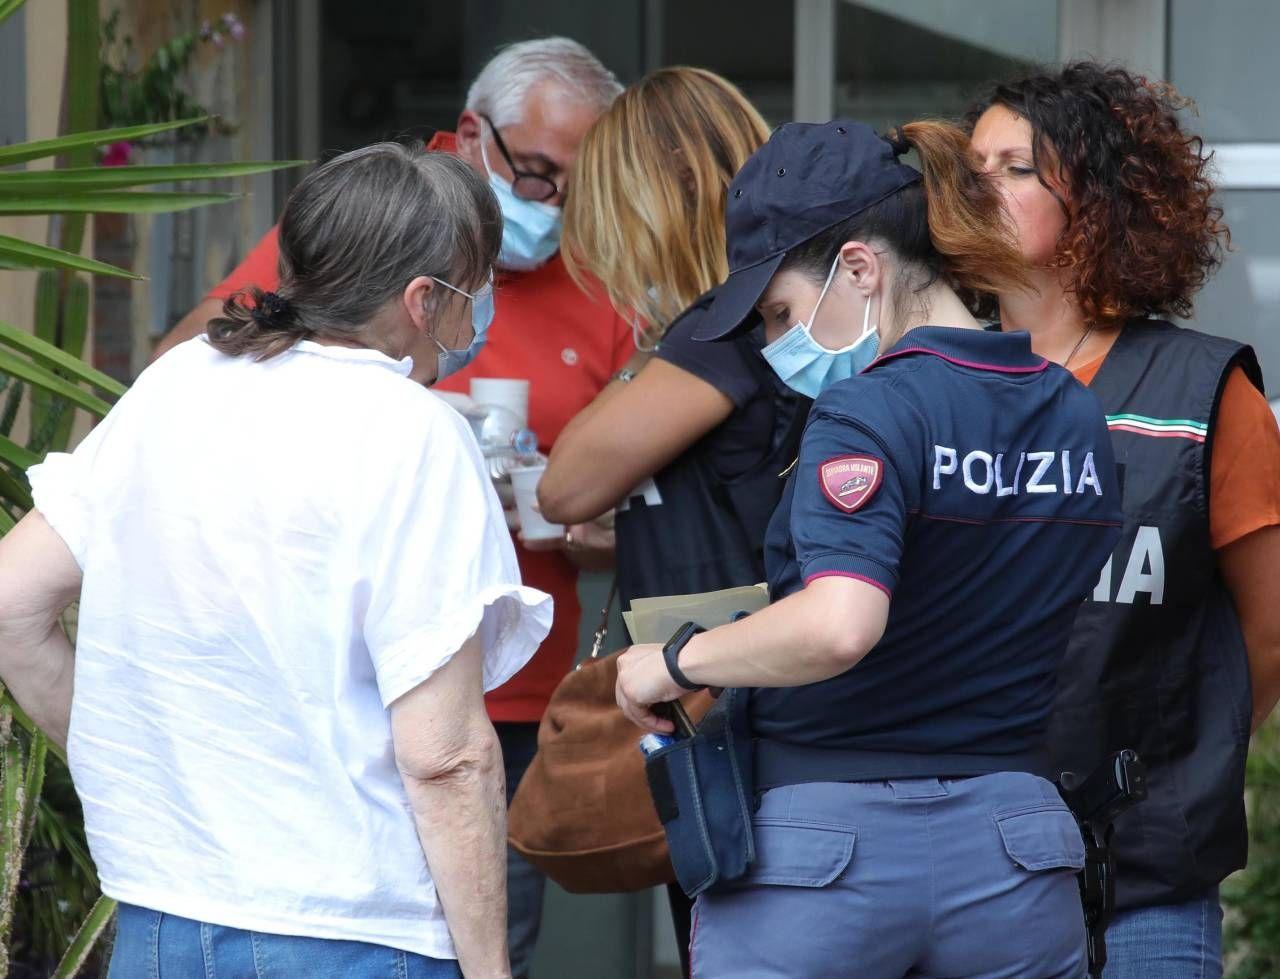 L'intervento della polizia sul luogo del delitto in via Rocca Tedalda